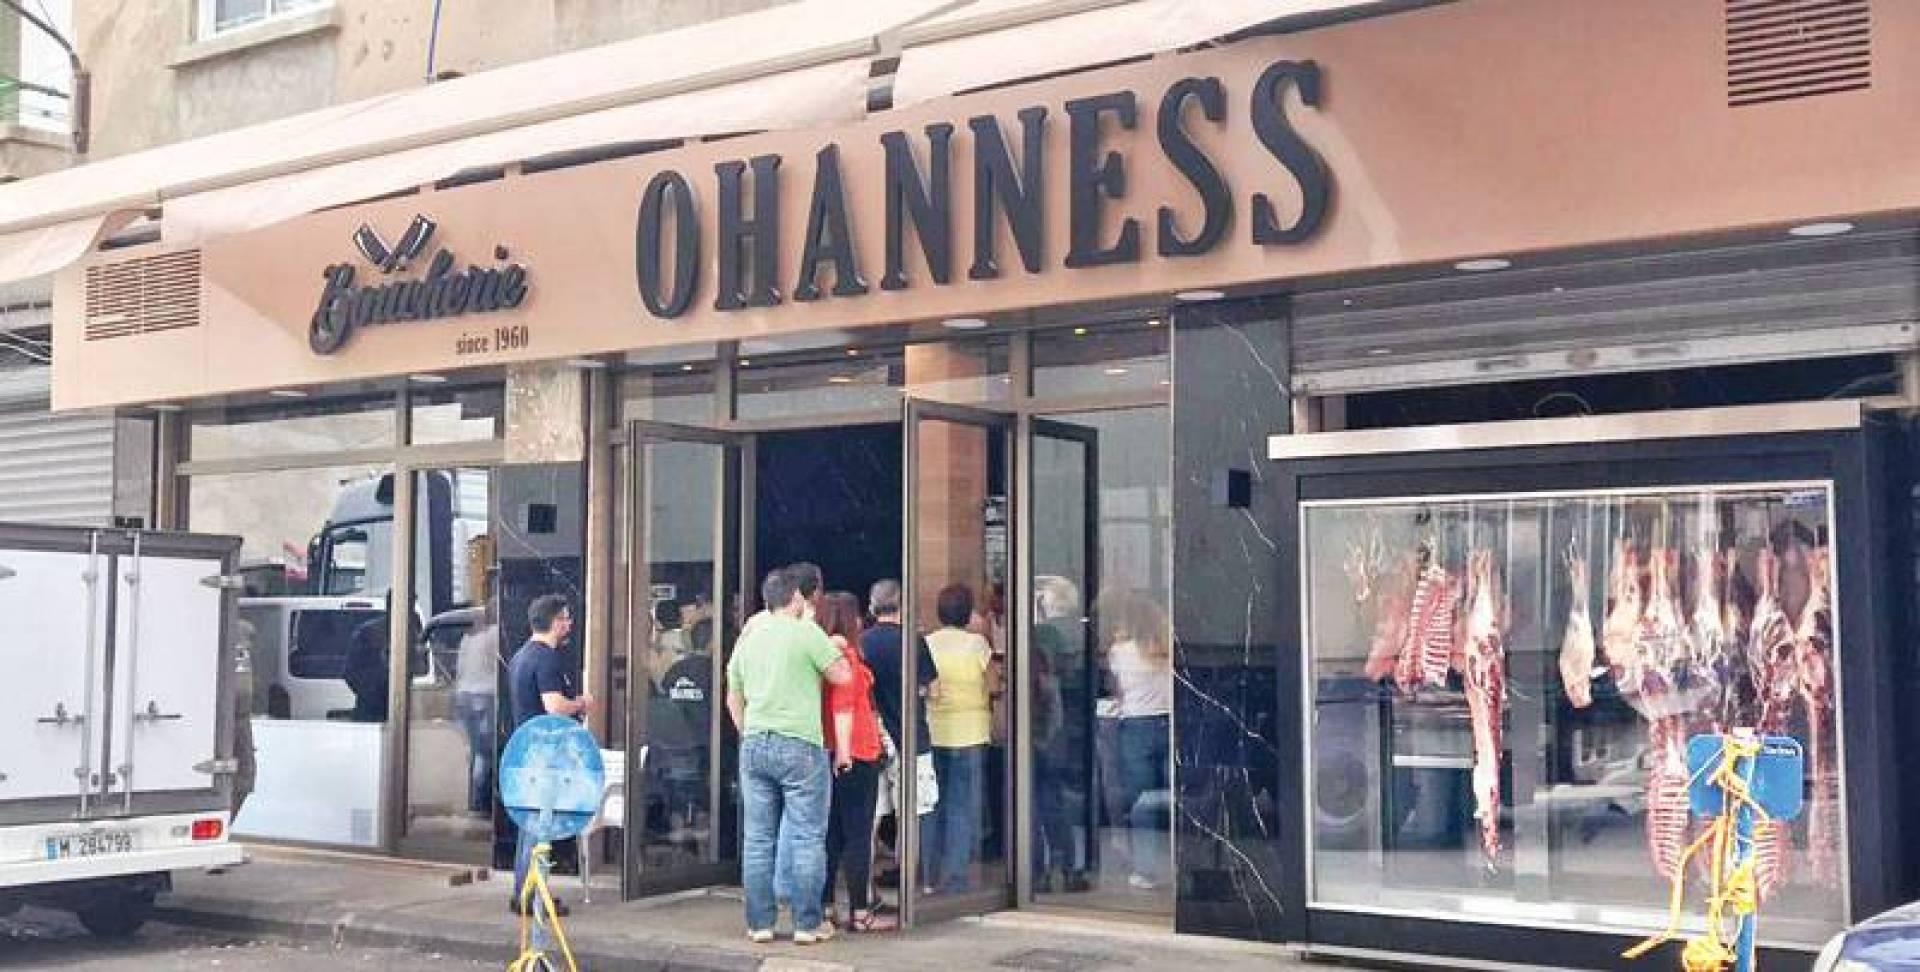 زحمة أمام ملحمة اوهانس في برج حمود بسبب أسعارها الرخيصة (القبس)